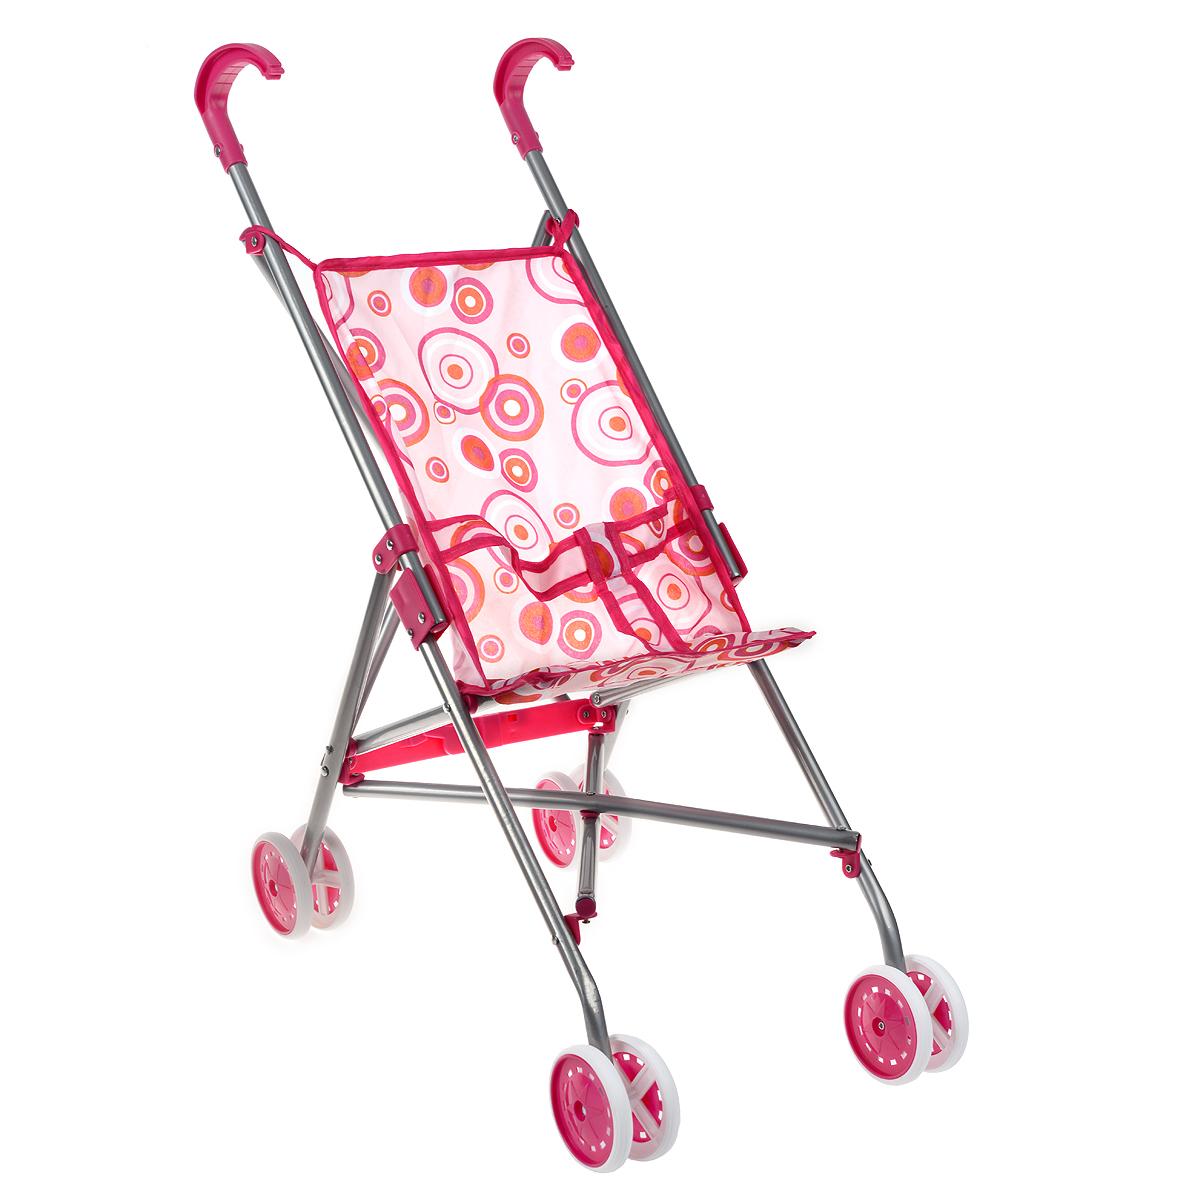 Прогулочная коляска для кукол Melobo, цвет: розовый9302Легкая складная прогулочная коляска для кукол Melobo очень компактна, удобна в эксплуатации и комфортабельна. Рама коляски сделана из облегченного металла, покрашенного в соответствии с цветом тканевых элементов, поэтому она легкая даже для крохотной девочки. Яркая ткань легко снимается и стирается, быстро сохнет. Коляска оборудована специальными ремнями, а ее ручки сделаны из прочного пластика. Коляска для куклы удобна в применении, как на улице, так и в помещении. Благодаря этим качествам коляску всегда хочется брать на прогулку, которая станет незабываемой, тем более, что на улице можно покатать свою любимую куколку.